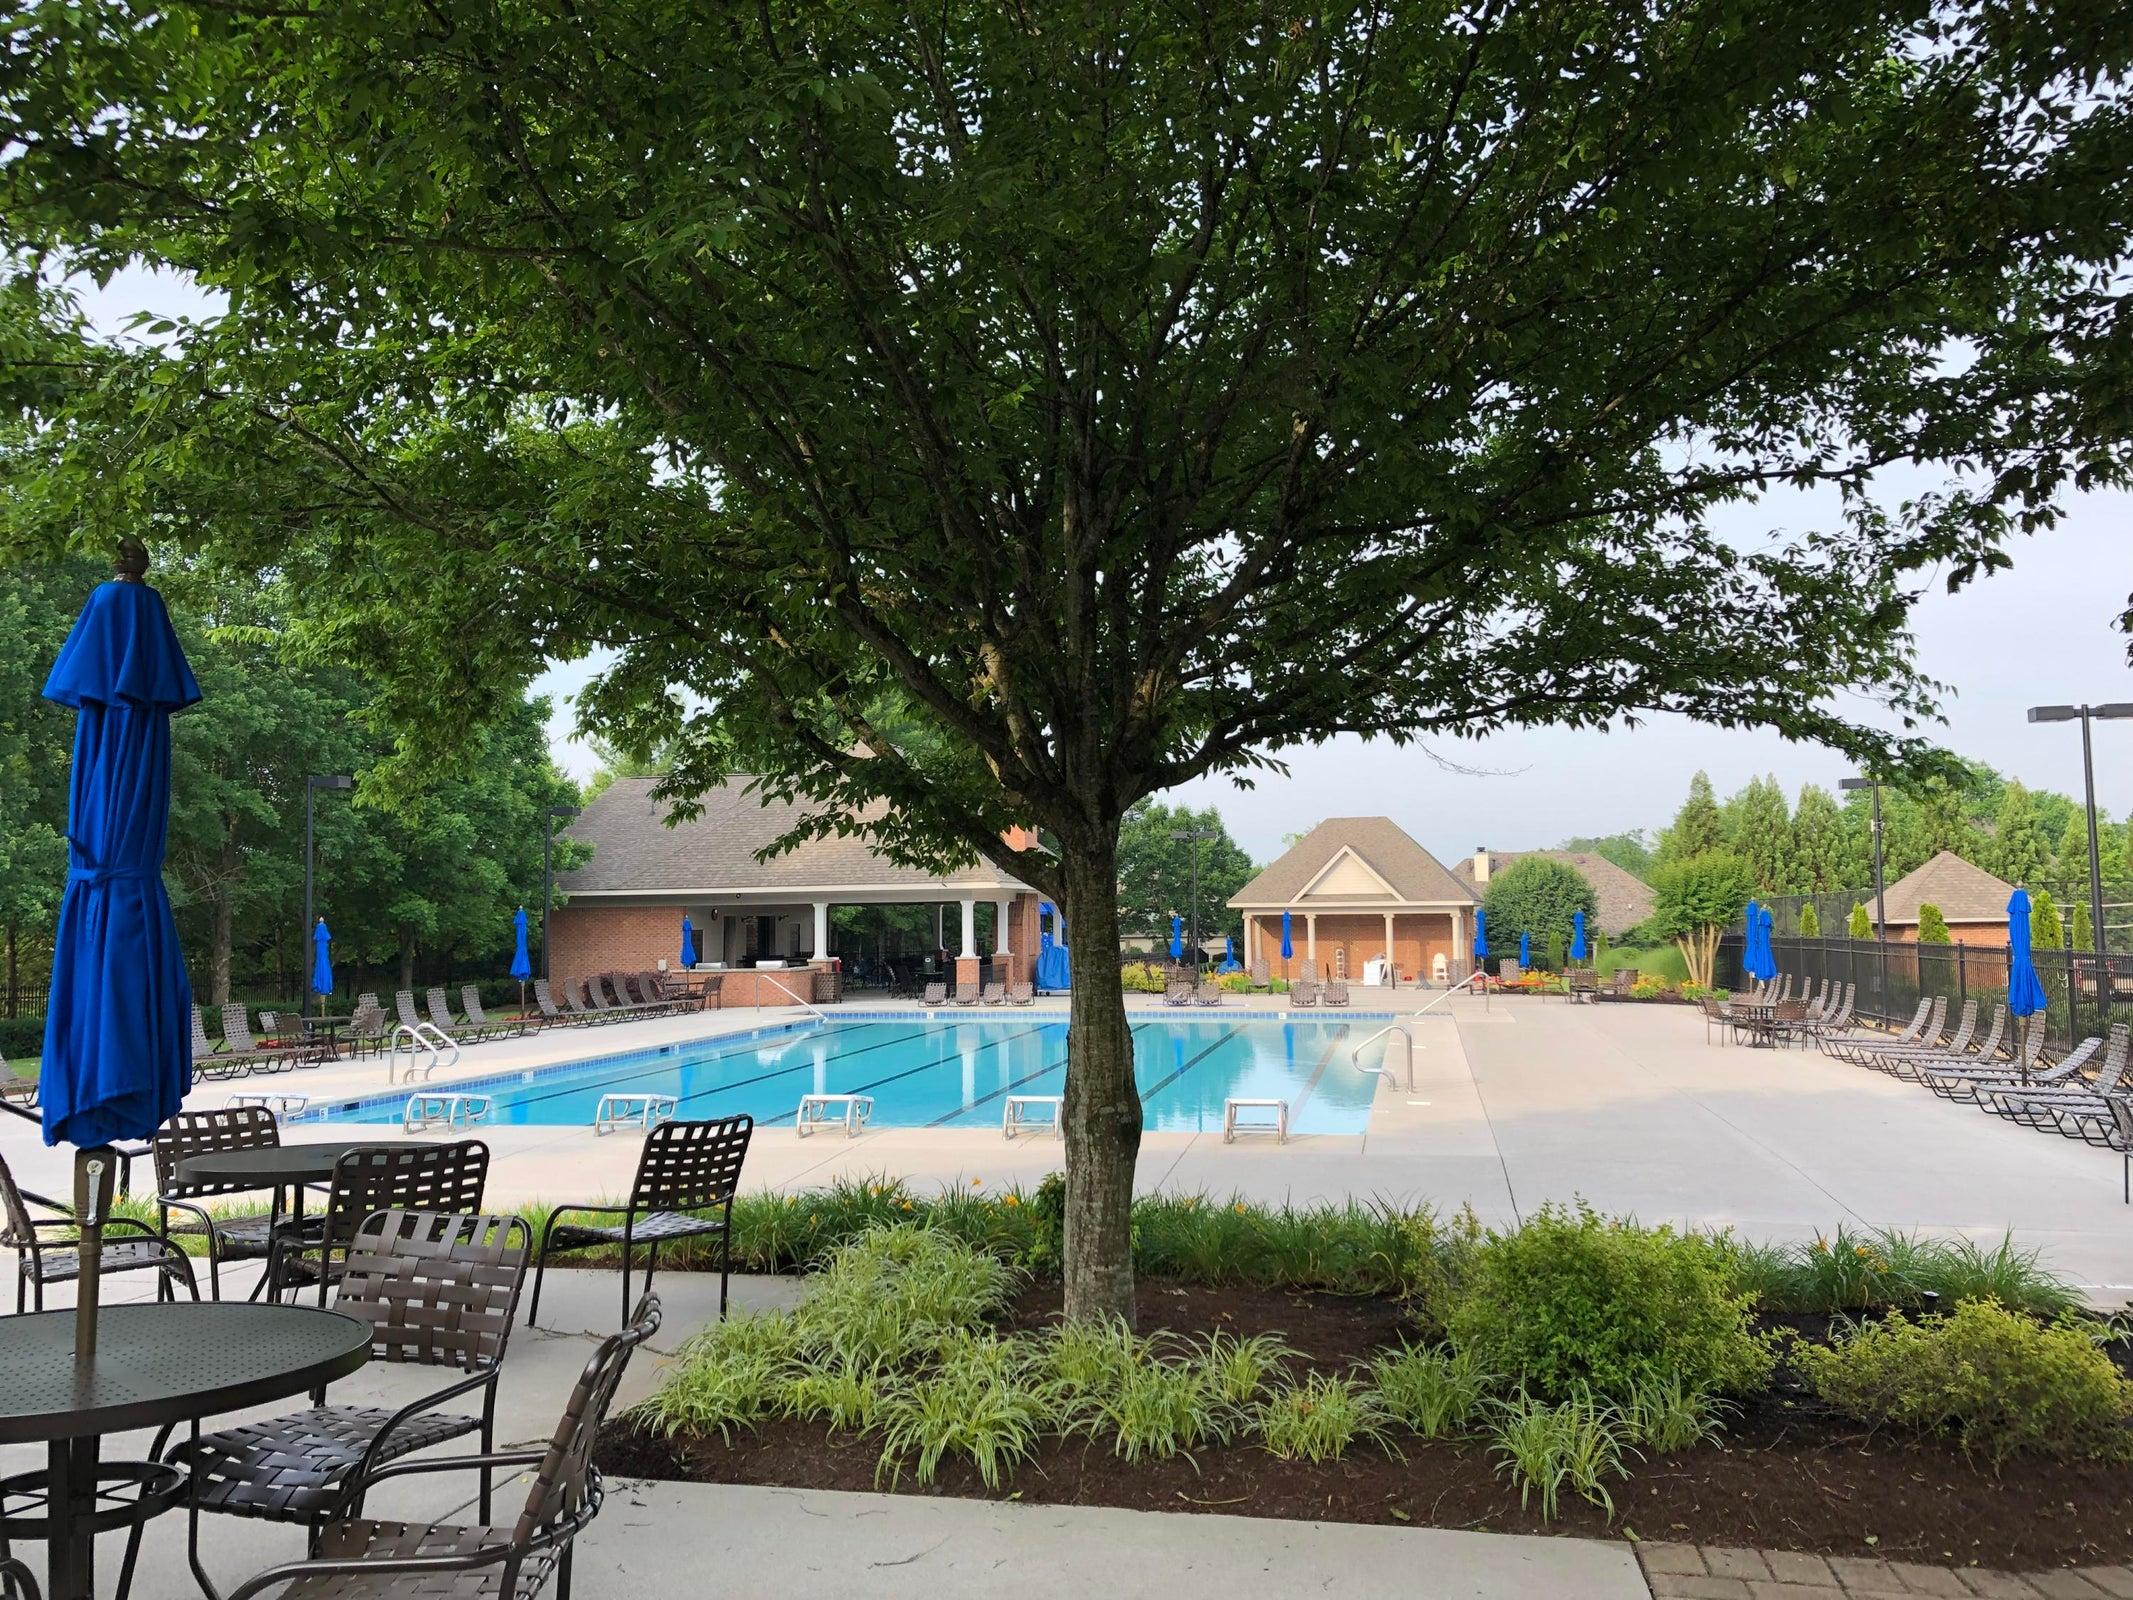 Neighborhood Pool & Pavilion